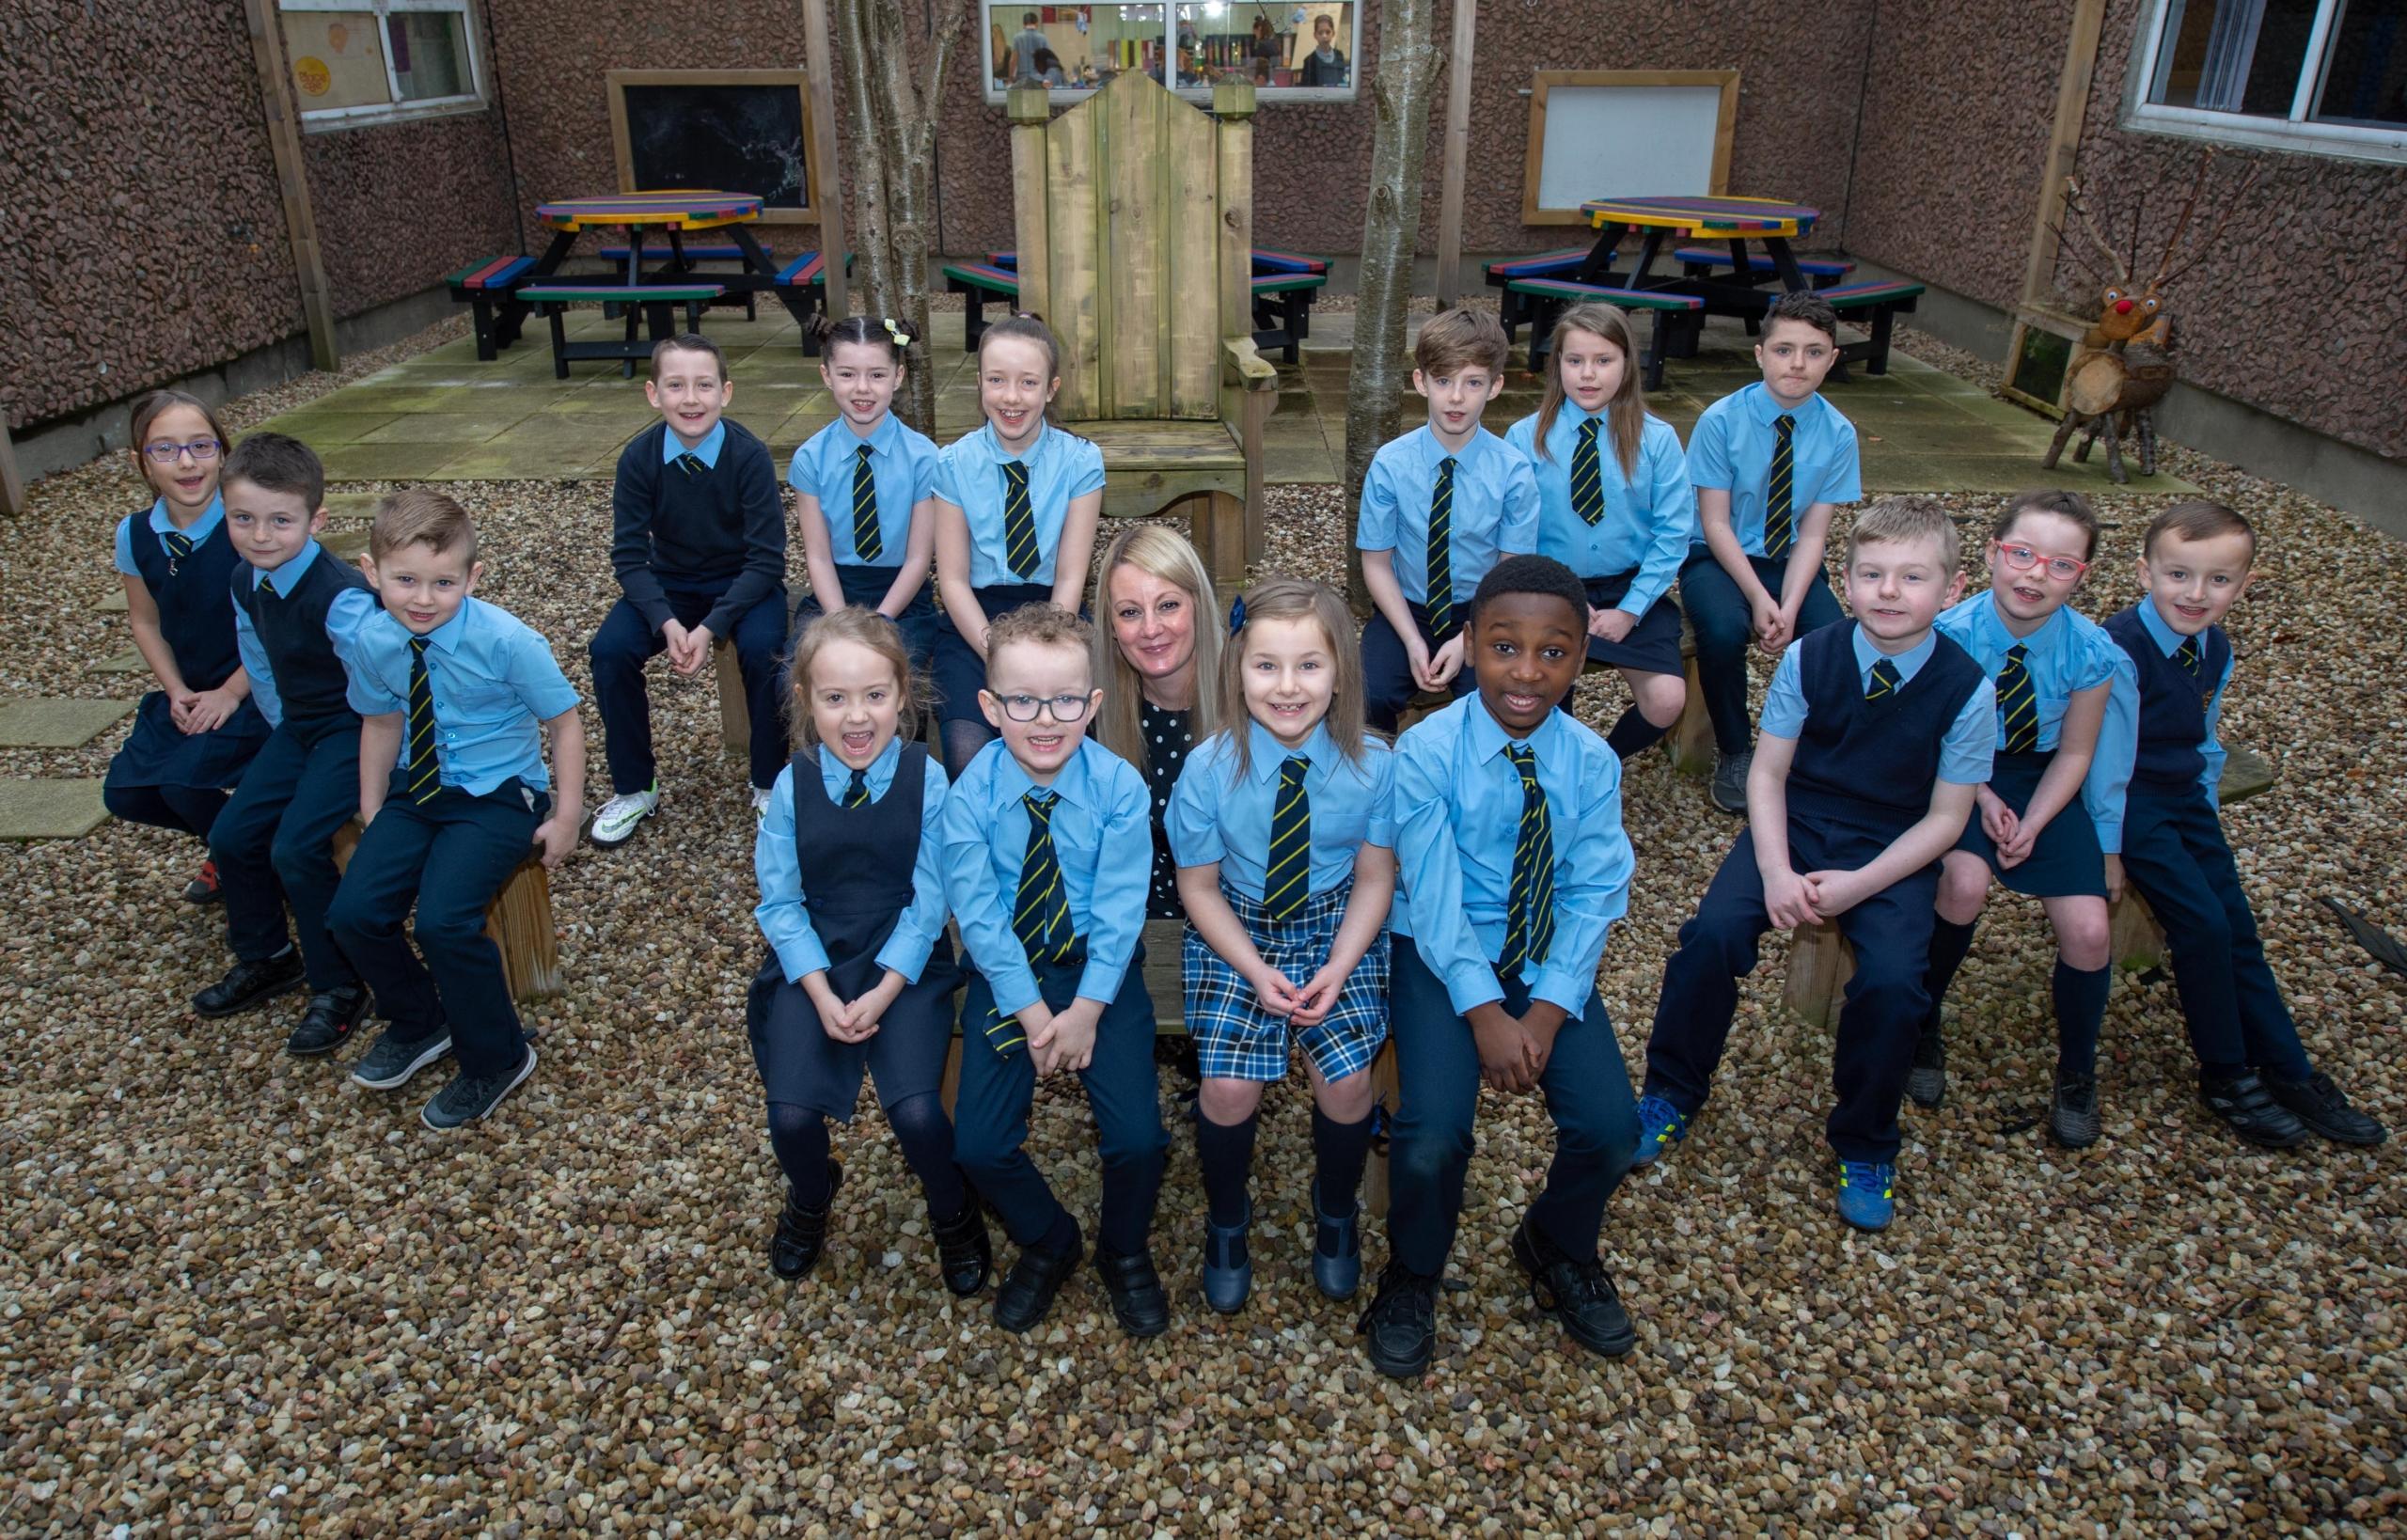 St Catherine's Primary School